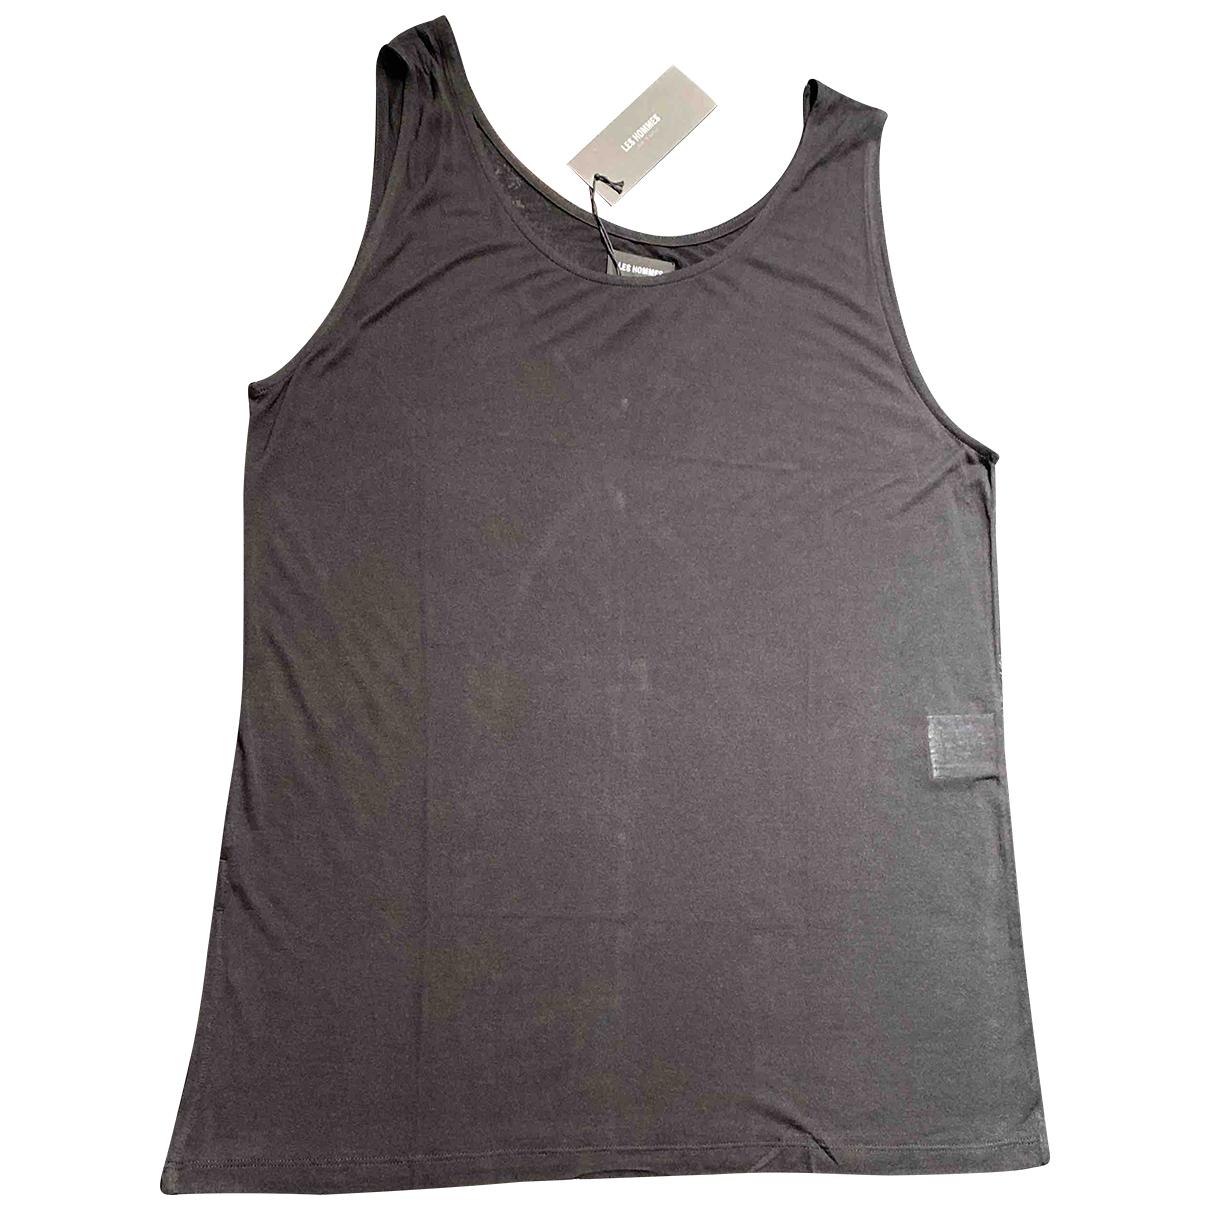 Les Hommes - Tee shirts   pour homme en coton - noir